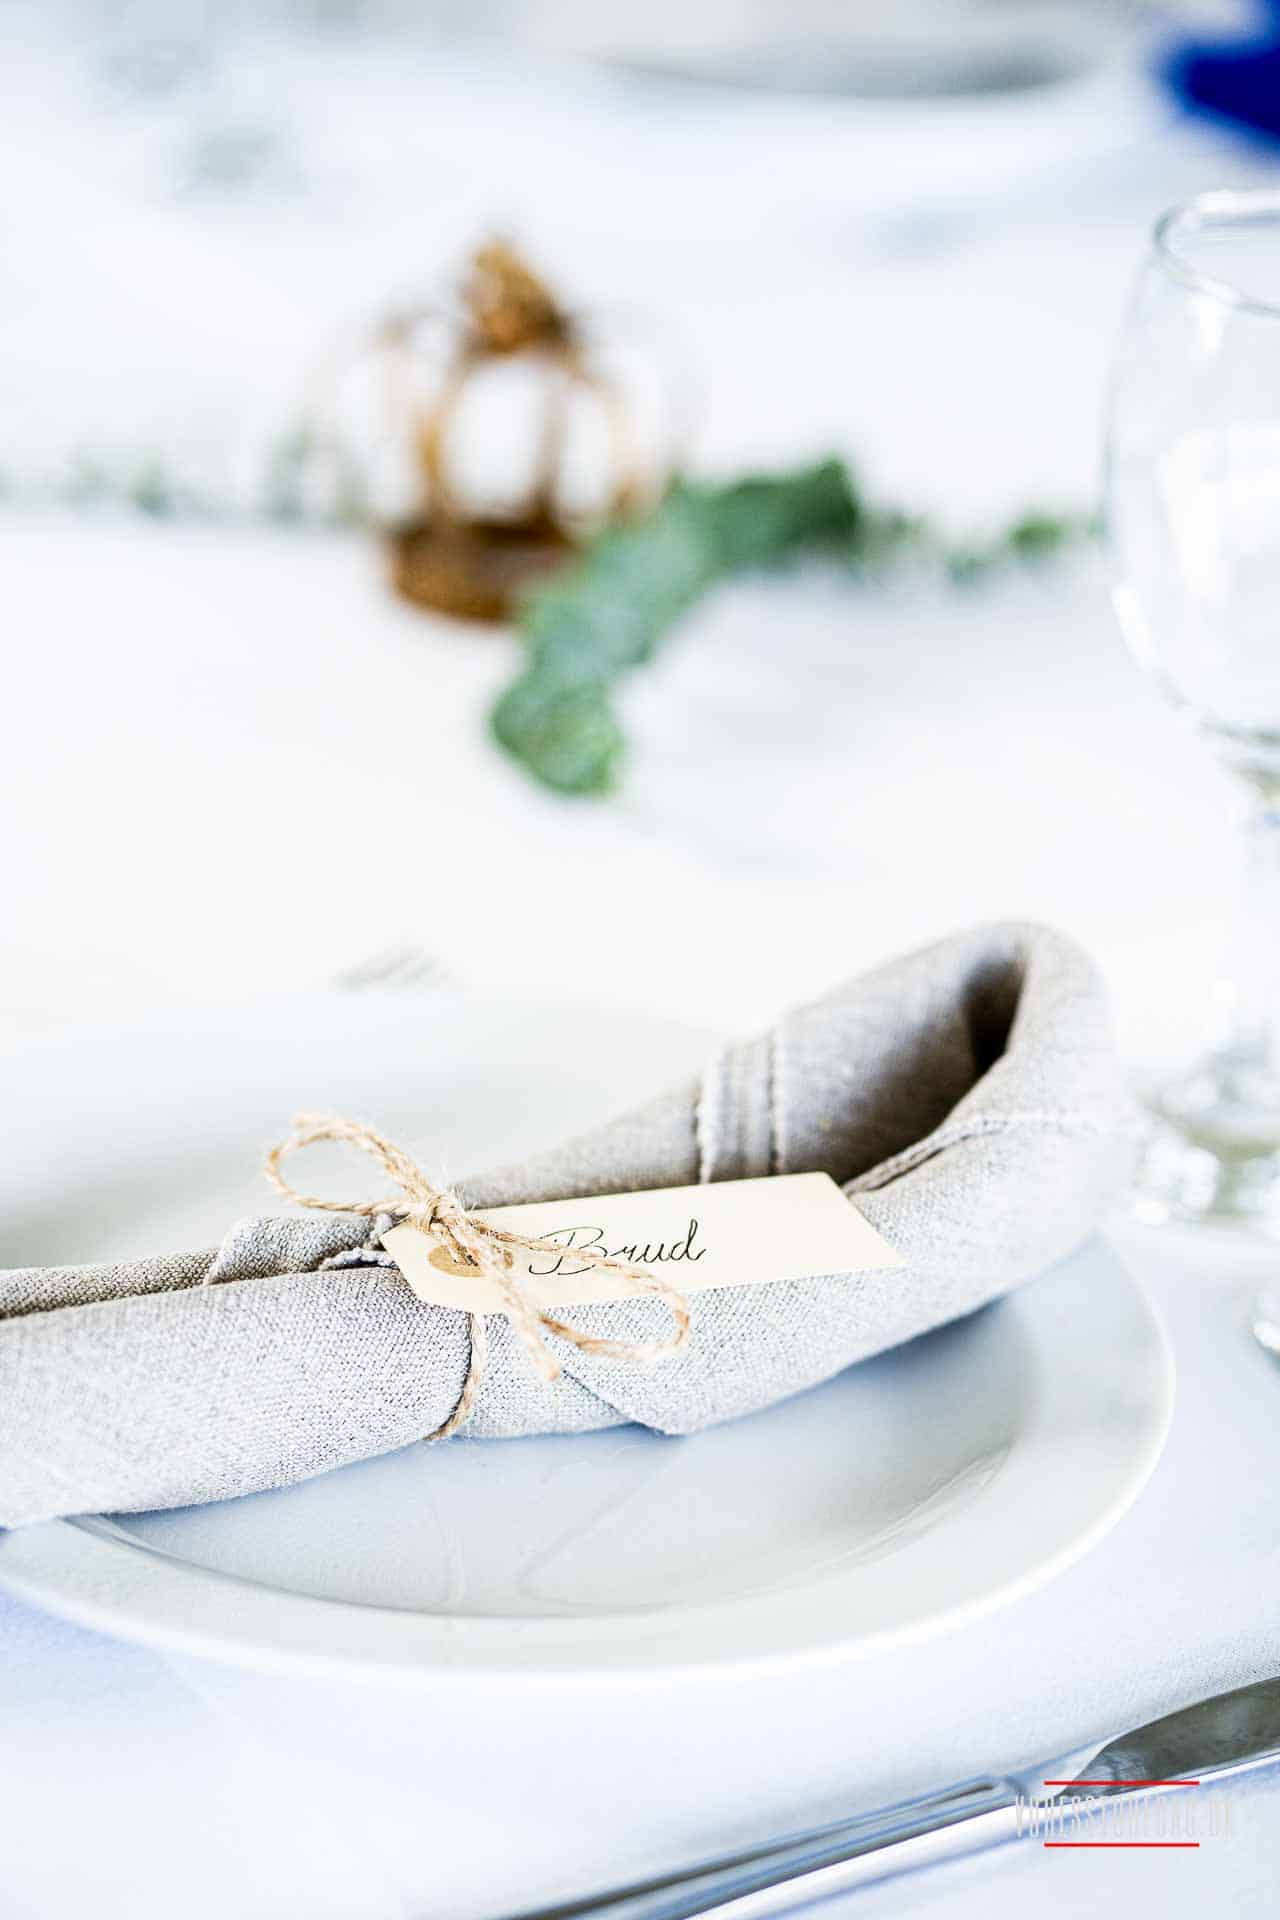 Hvor holder man udendørs bryllup? - Bryllupsforberedelser